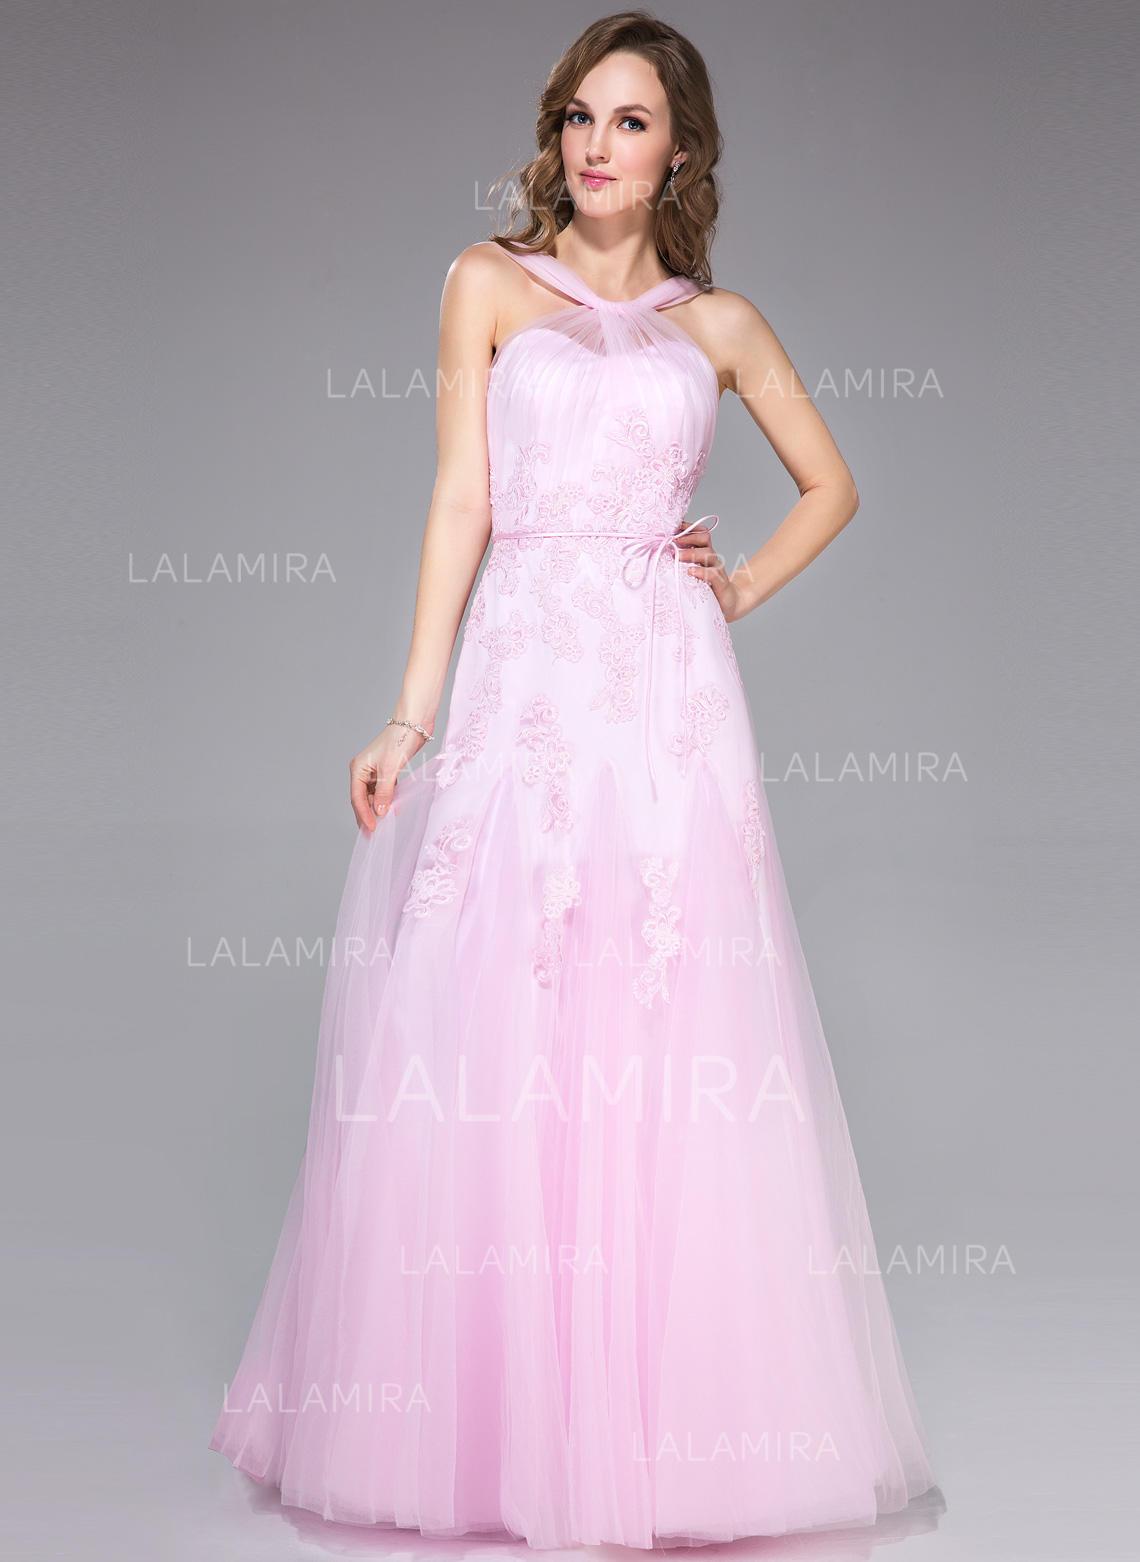 Princess Trumpet/Mermaid Tulle Floor-Length Sleeveless Prom Dresses